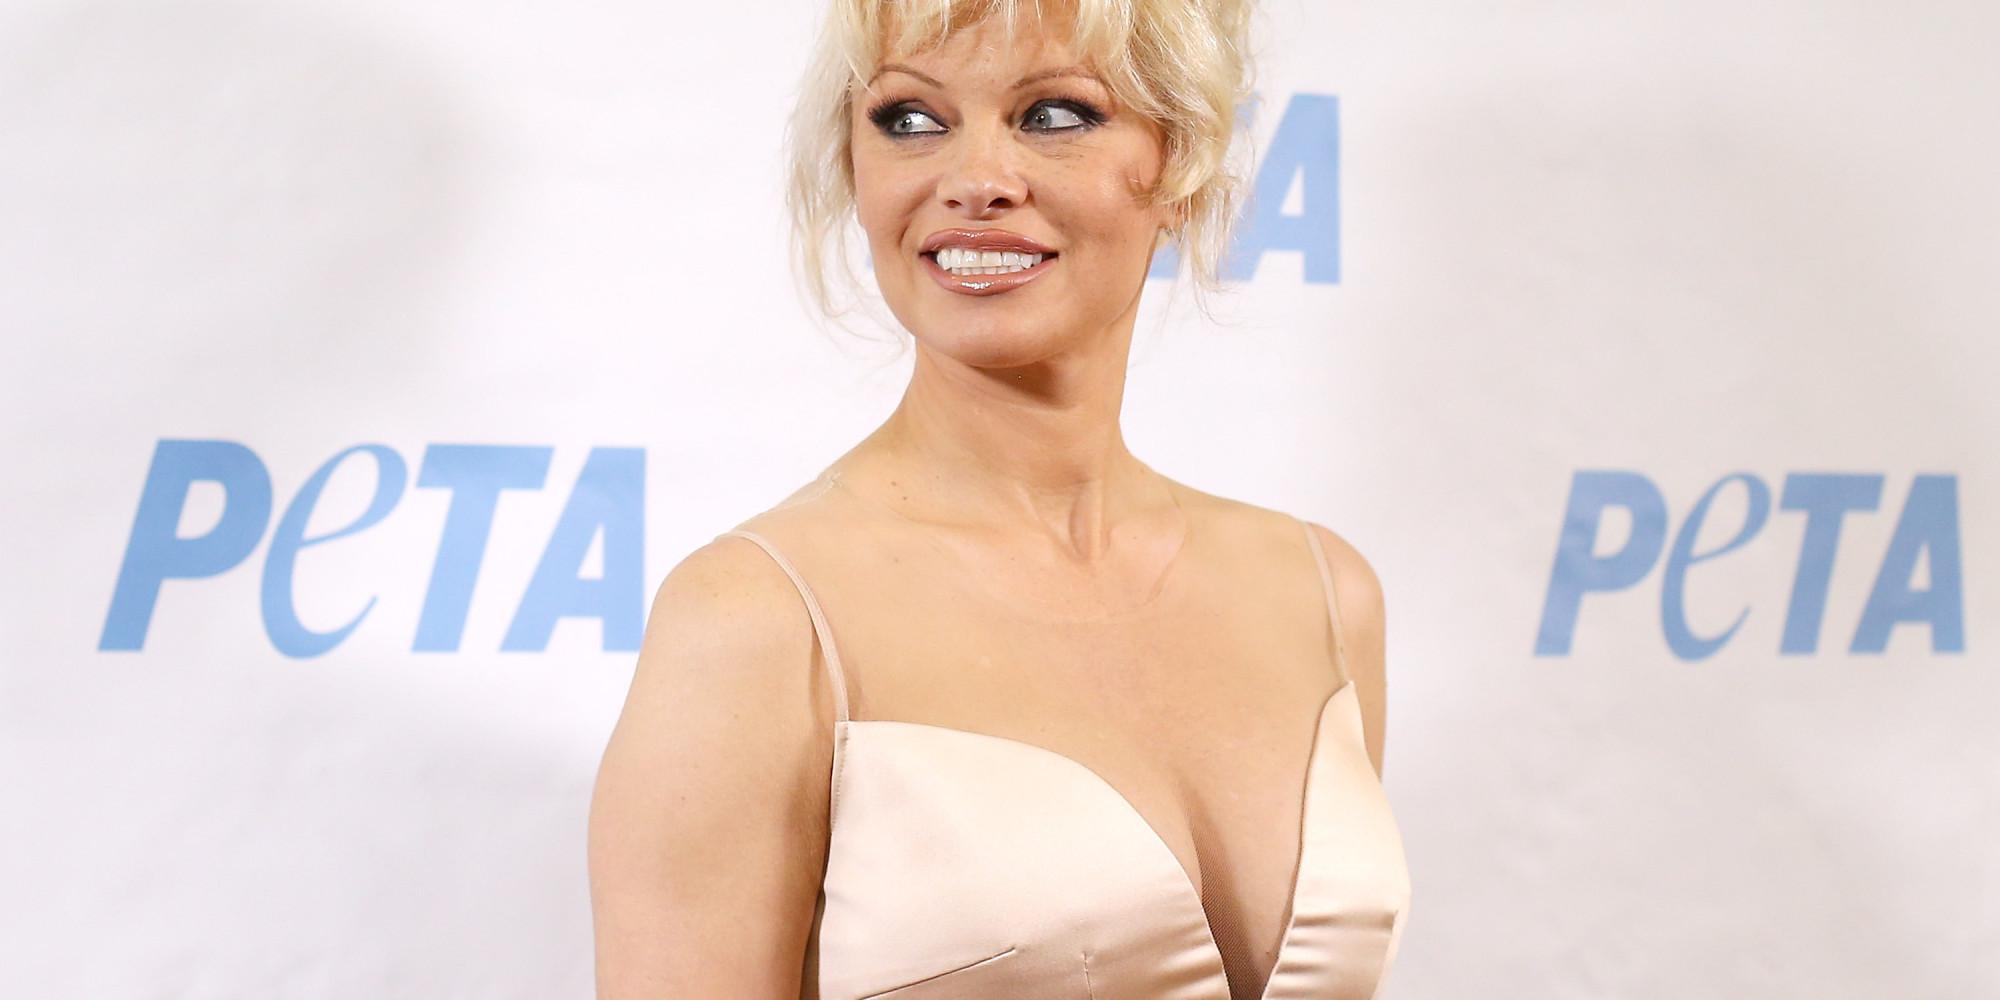 Pamela Anderson pose seins nus sur Instagram et affole la